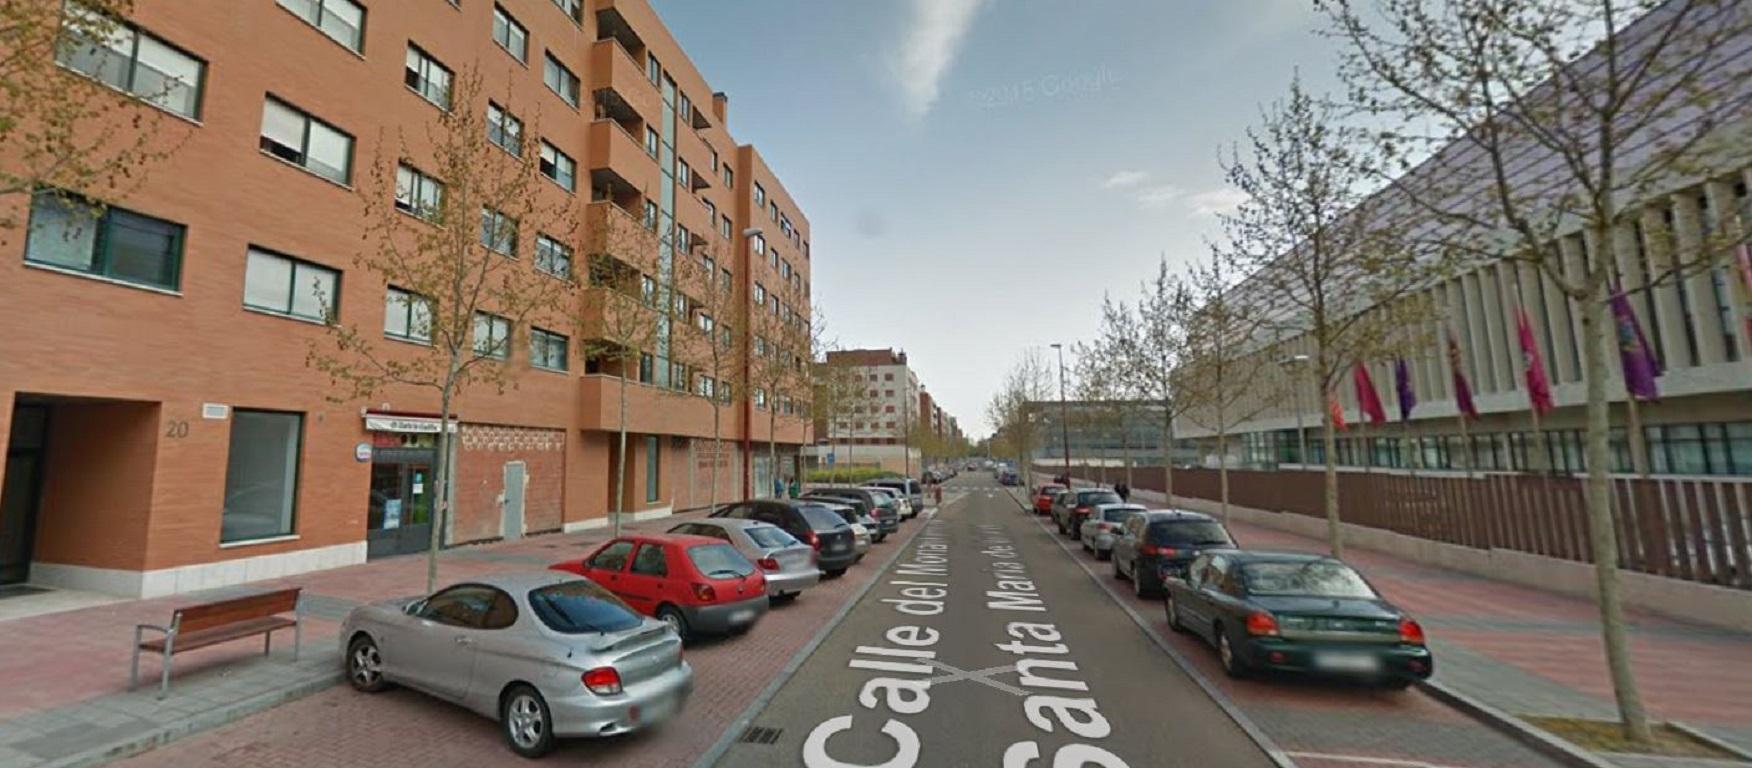 Comprar en rentabilidad garajes y parkings invergeo for Plazas de garaje valladolid